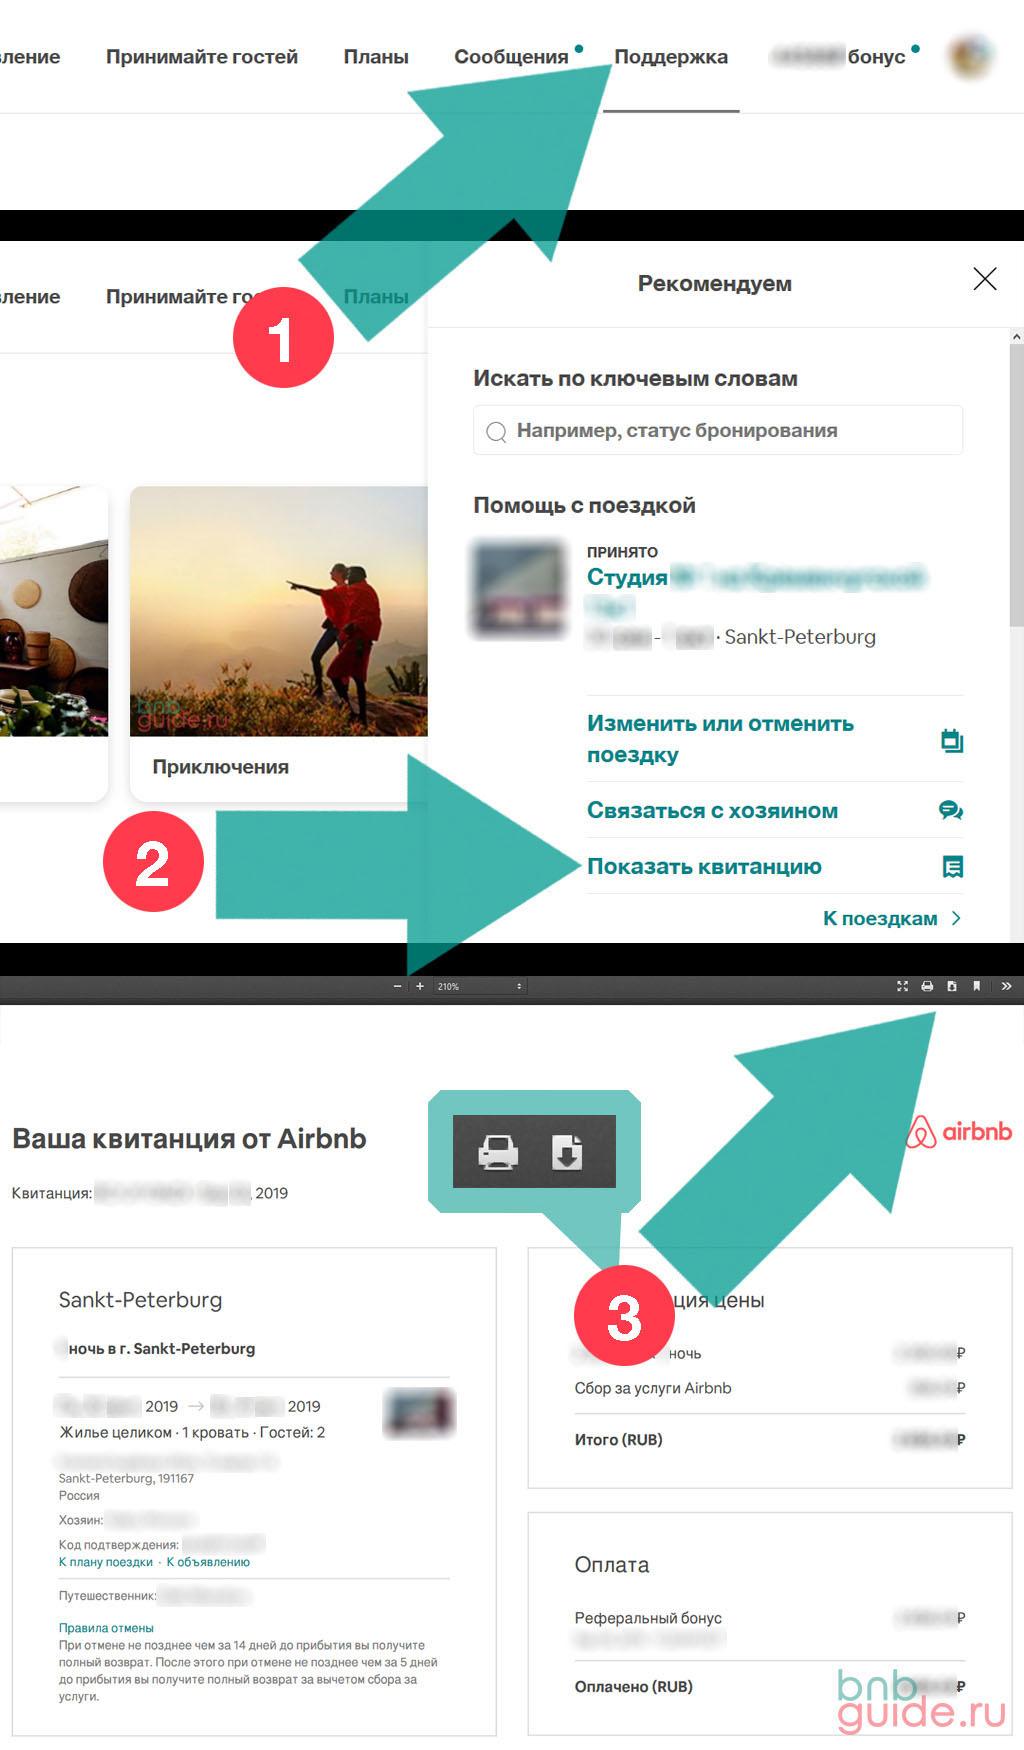 инфографика – инструкция: как распечатать бронь с Airbnb для визы – документ подтверждающий бронирование жилья Аирбнб. Получение квитанции ваучера на заселение Айрбнб для подачи в визовый центр, или прохождения границы_